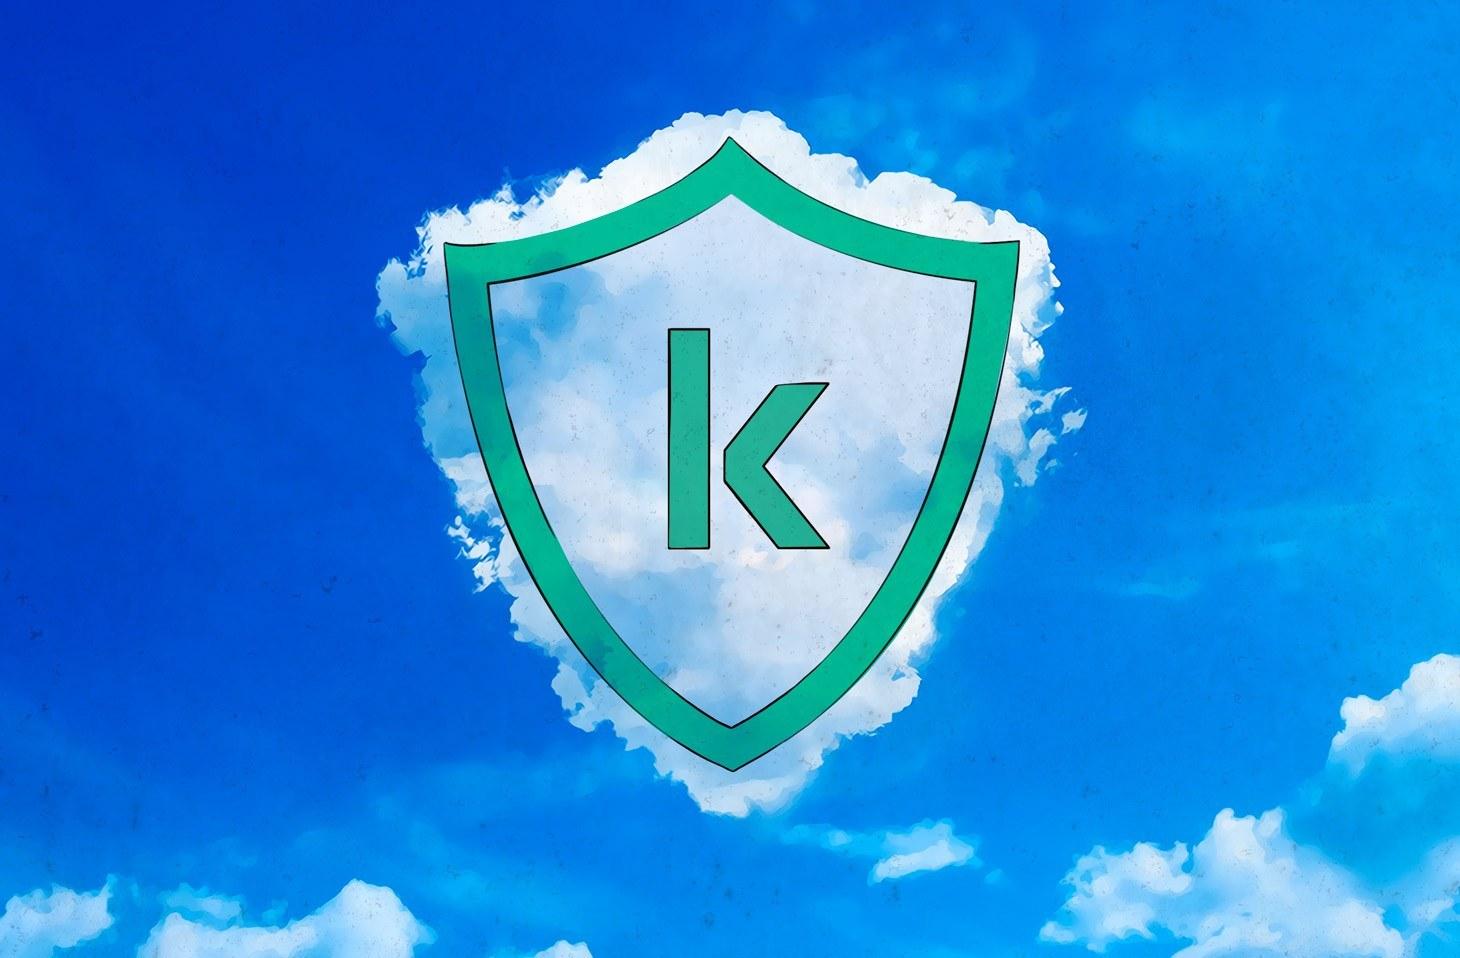 Herkese açık bulutları sık görülen güvenlik açıklarına karşı korumak